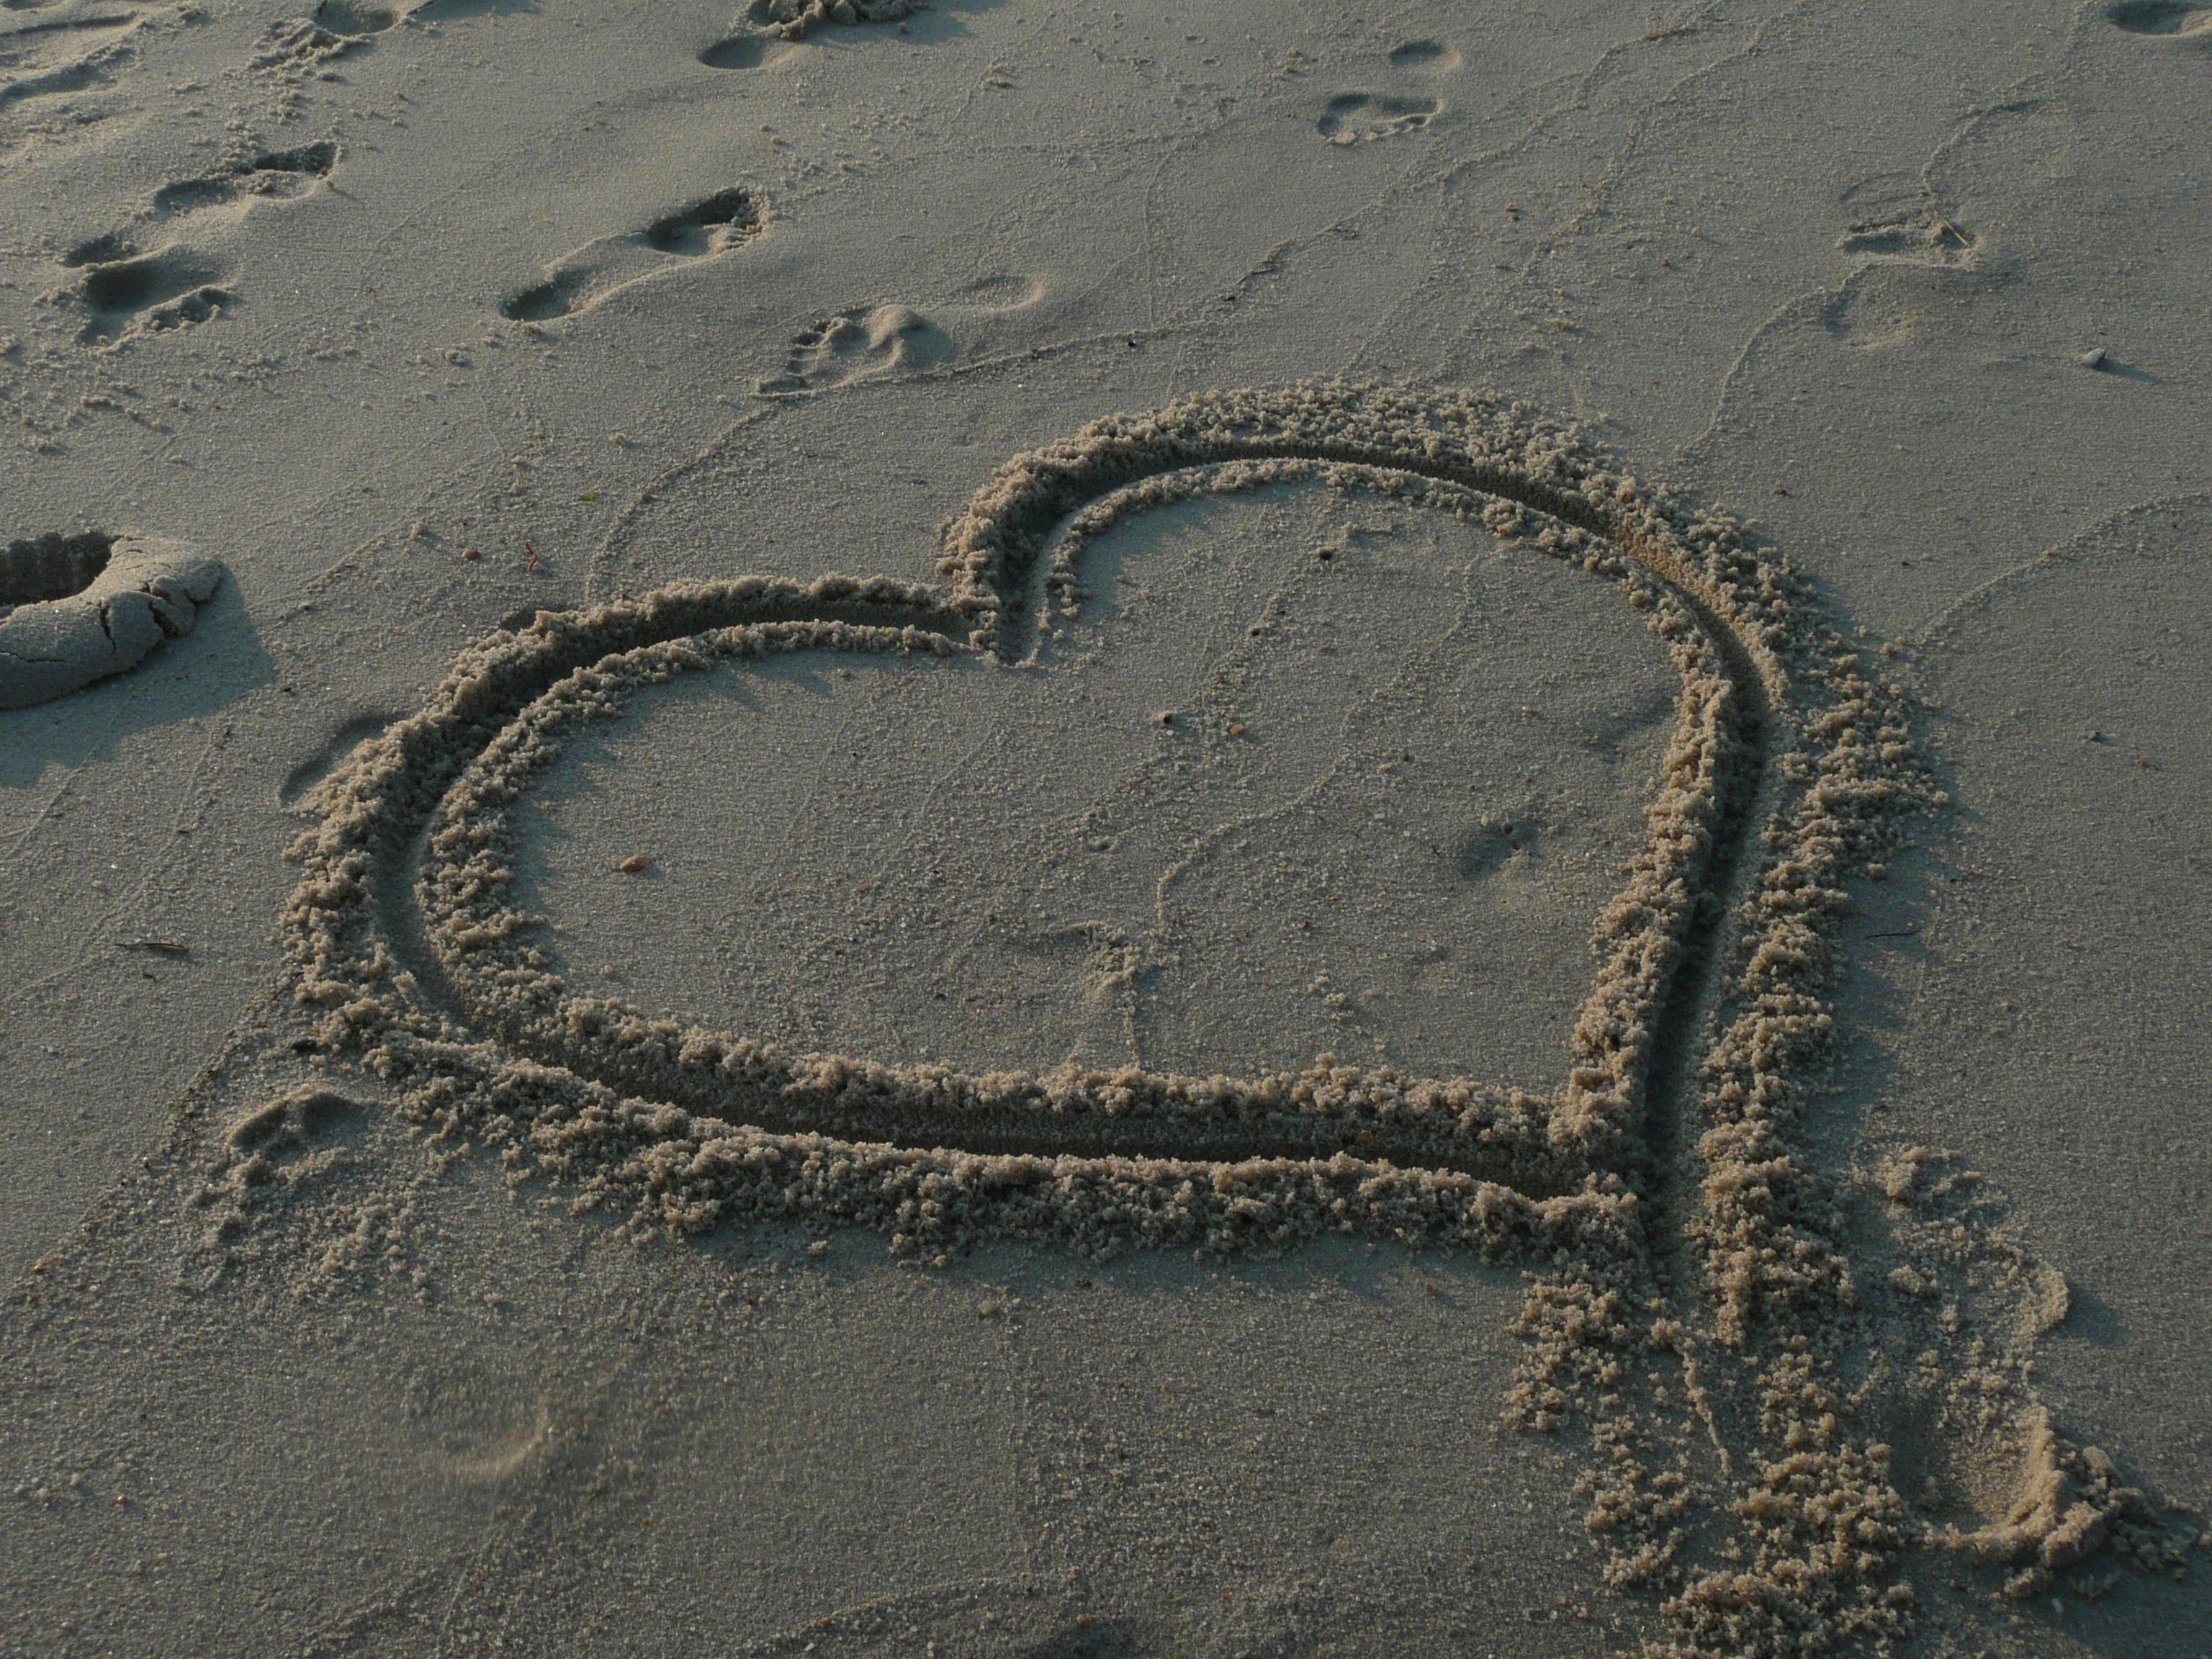 Kostenlose foto : Meer, Küste, Sand, Fußabdruck, Schild, Liebe, Herz ...